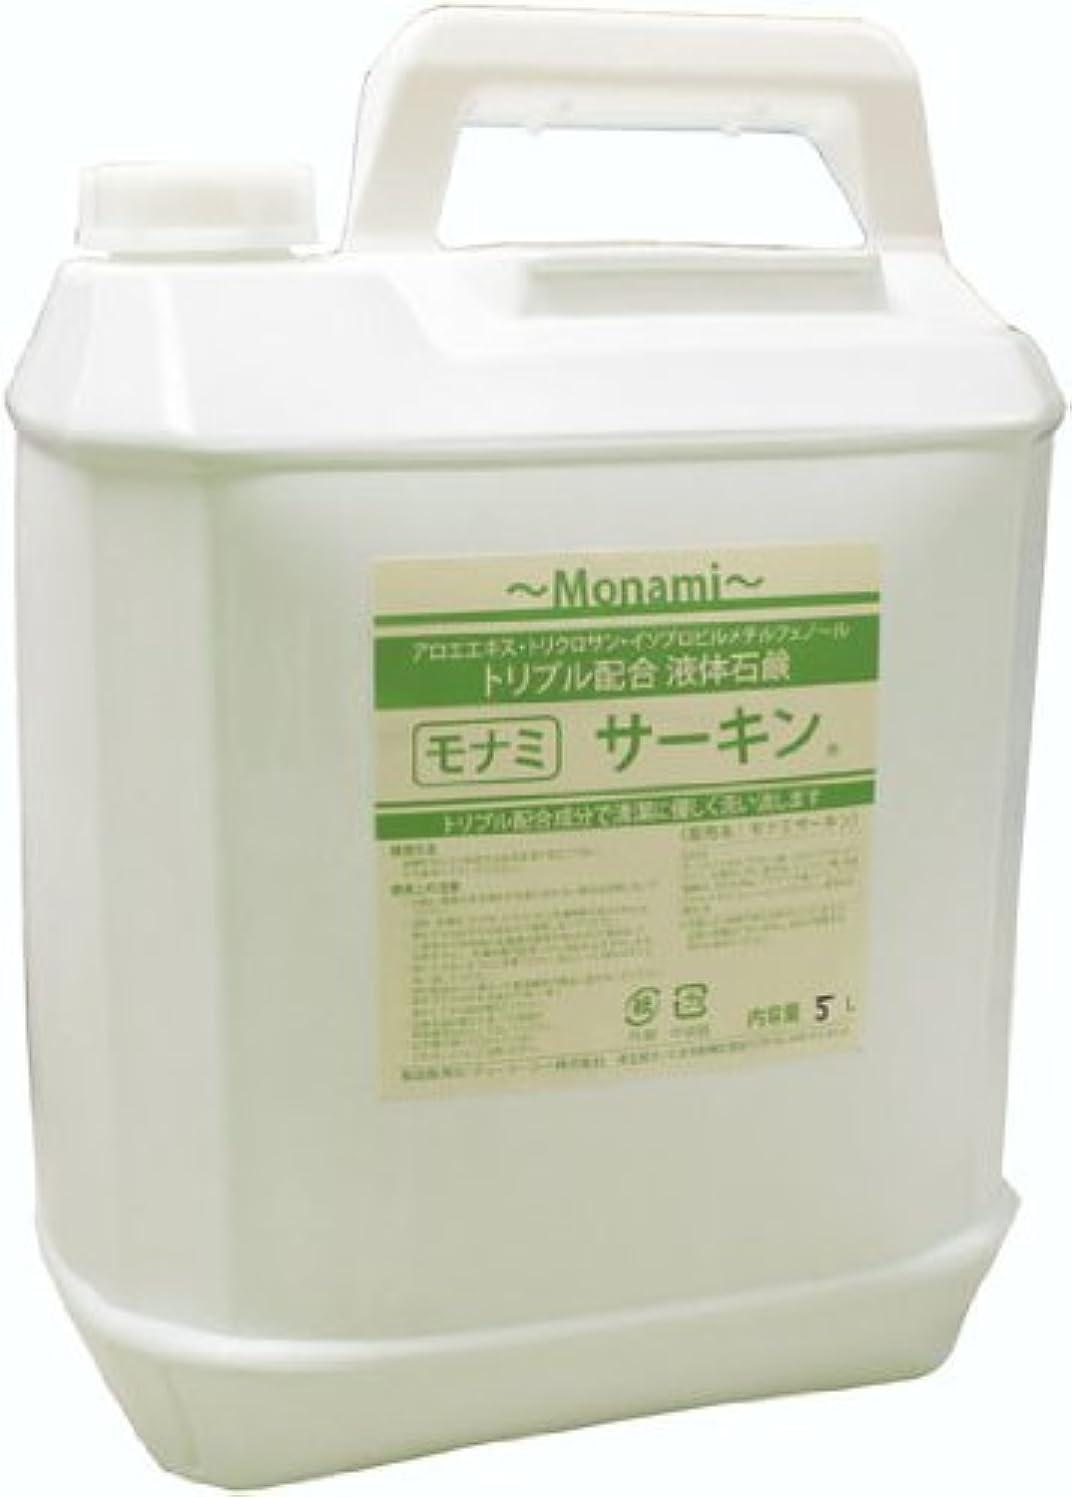 エレメンタル犯人報酬の保湿剤配合業務用液体ソープ「モナミ サーキン5L」アロエエキス、トリクロサン、イソプロピルメチルフェノール配合